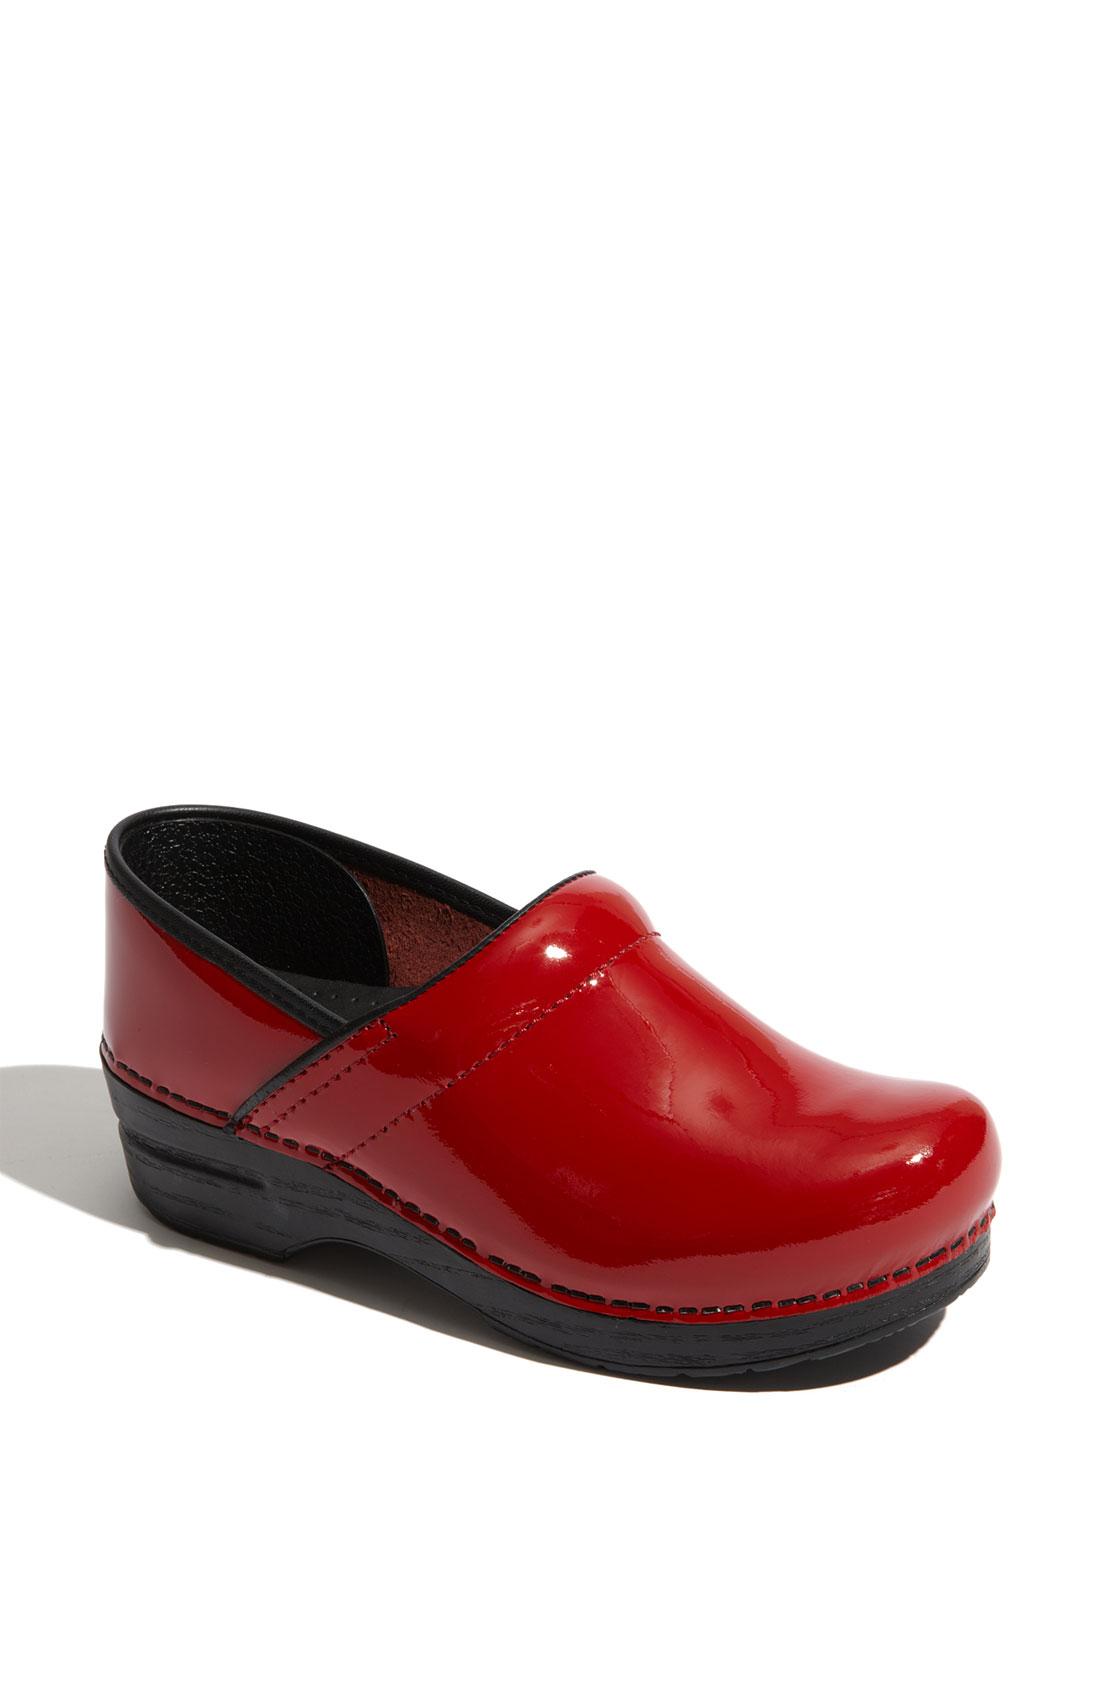 Dansko Heels Sale